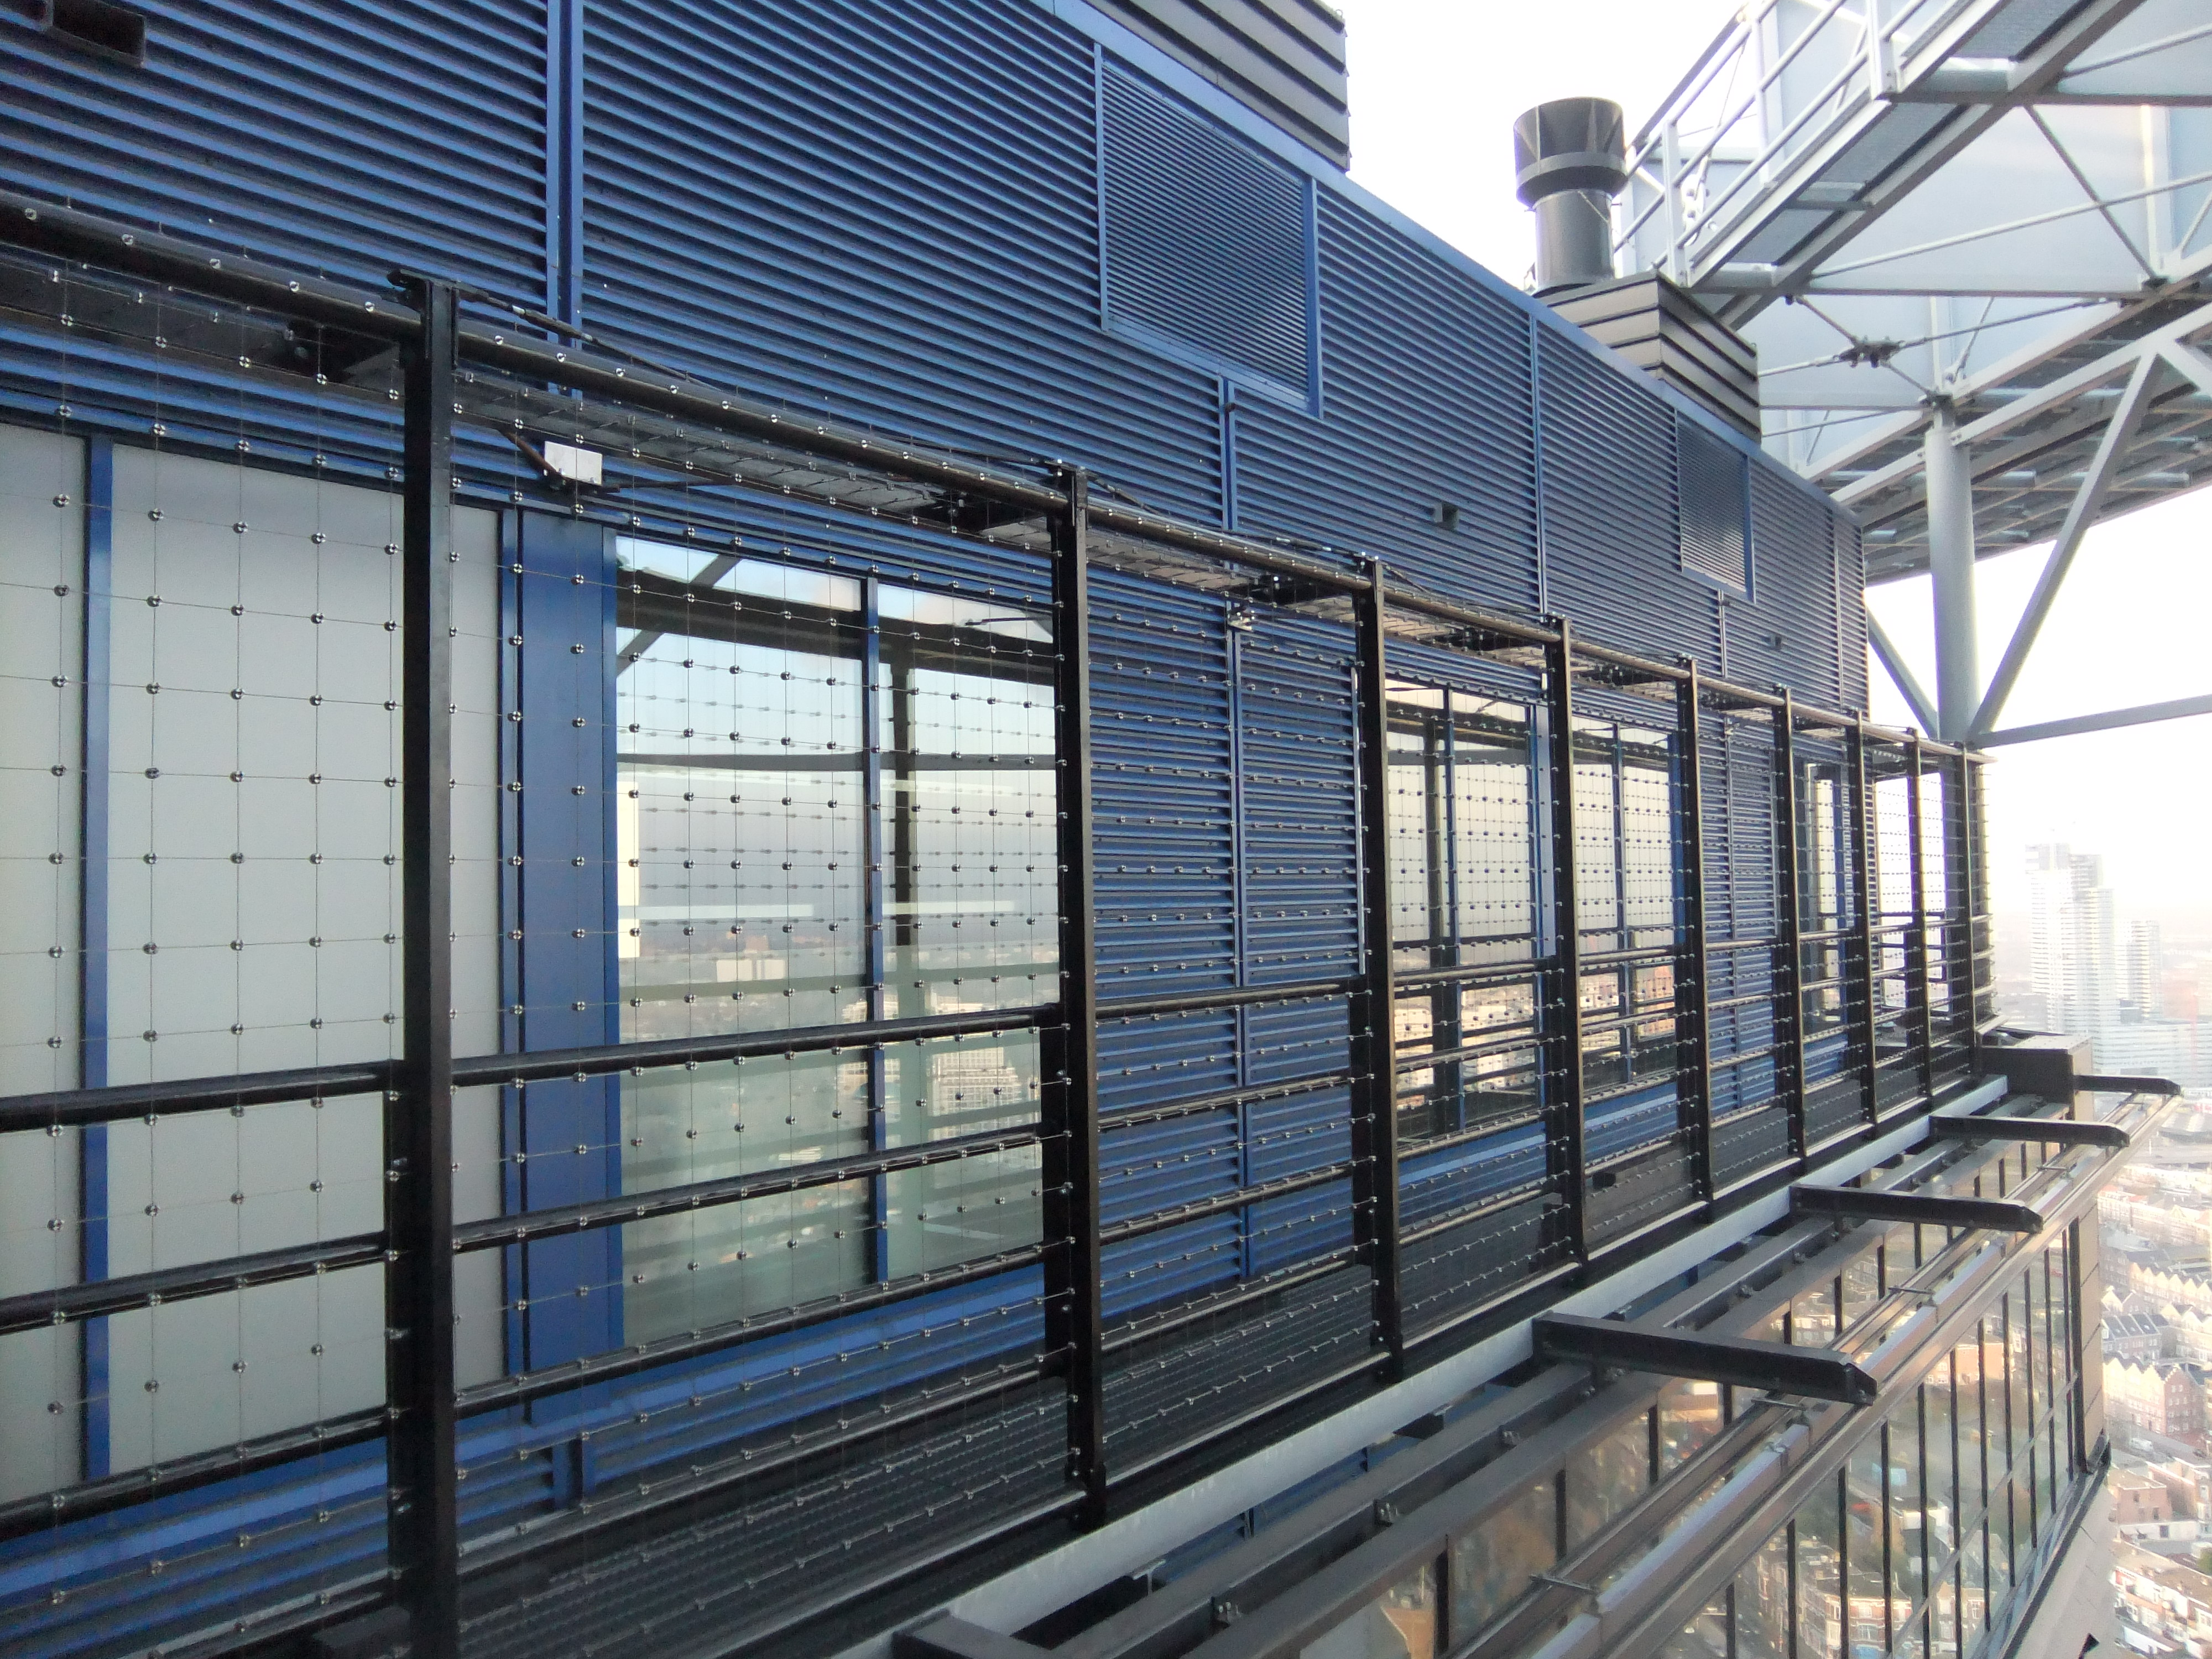 Constructiebedrijf staalhandel j vd velde zn foto 39 s div projecten for Terras strijkijzer